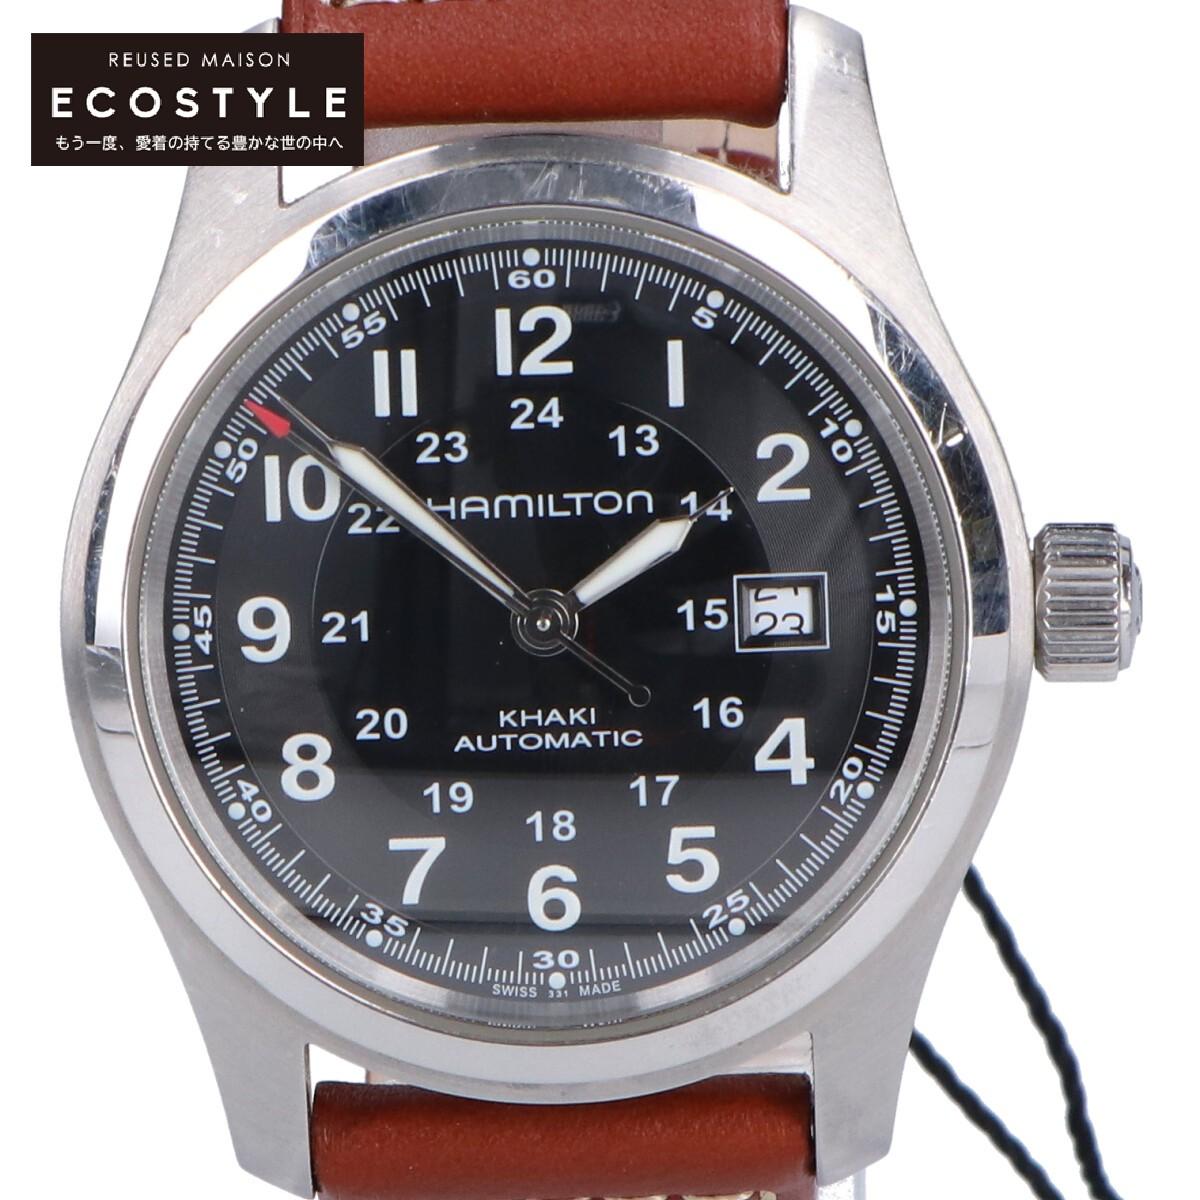 HAMILTON ハミルトン H70555533 カーキ フィールド オート 腕時計 NEW売り切れる前に☆ 新色追加して再販 中古 ケース:シルバー ベルト:ブラウン メンズ 自動巻き